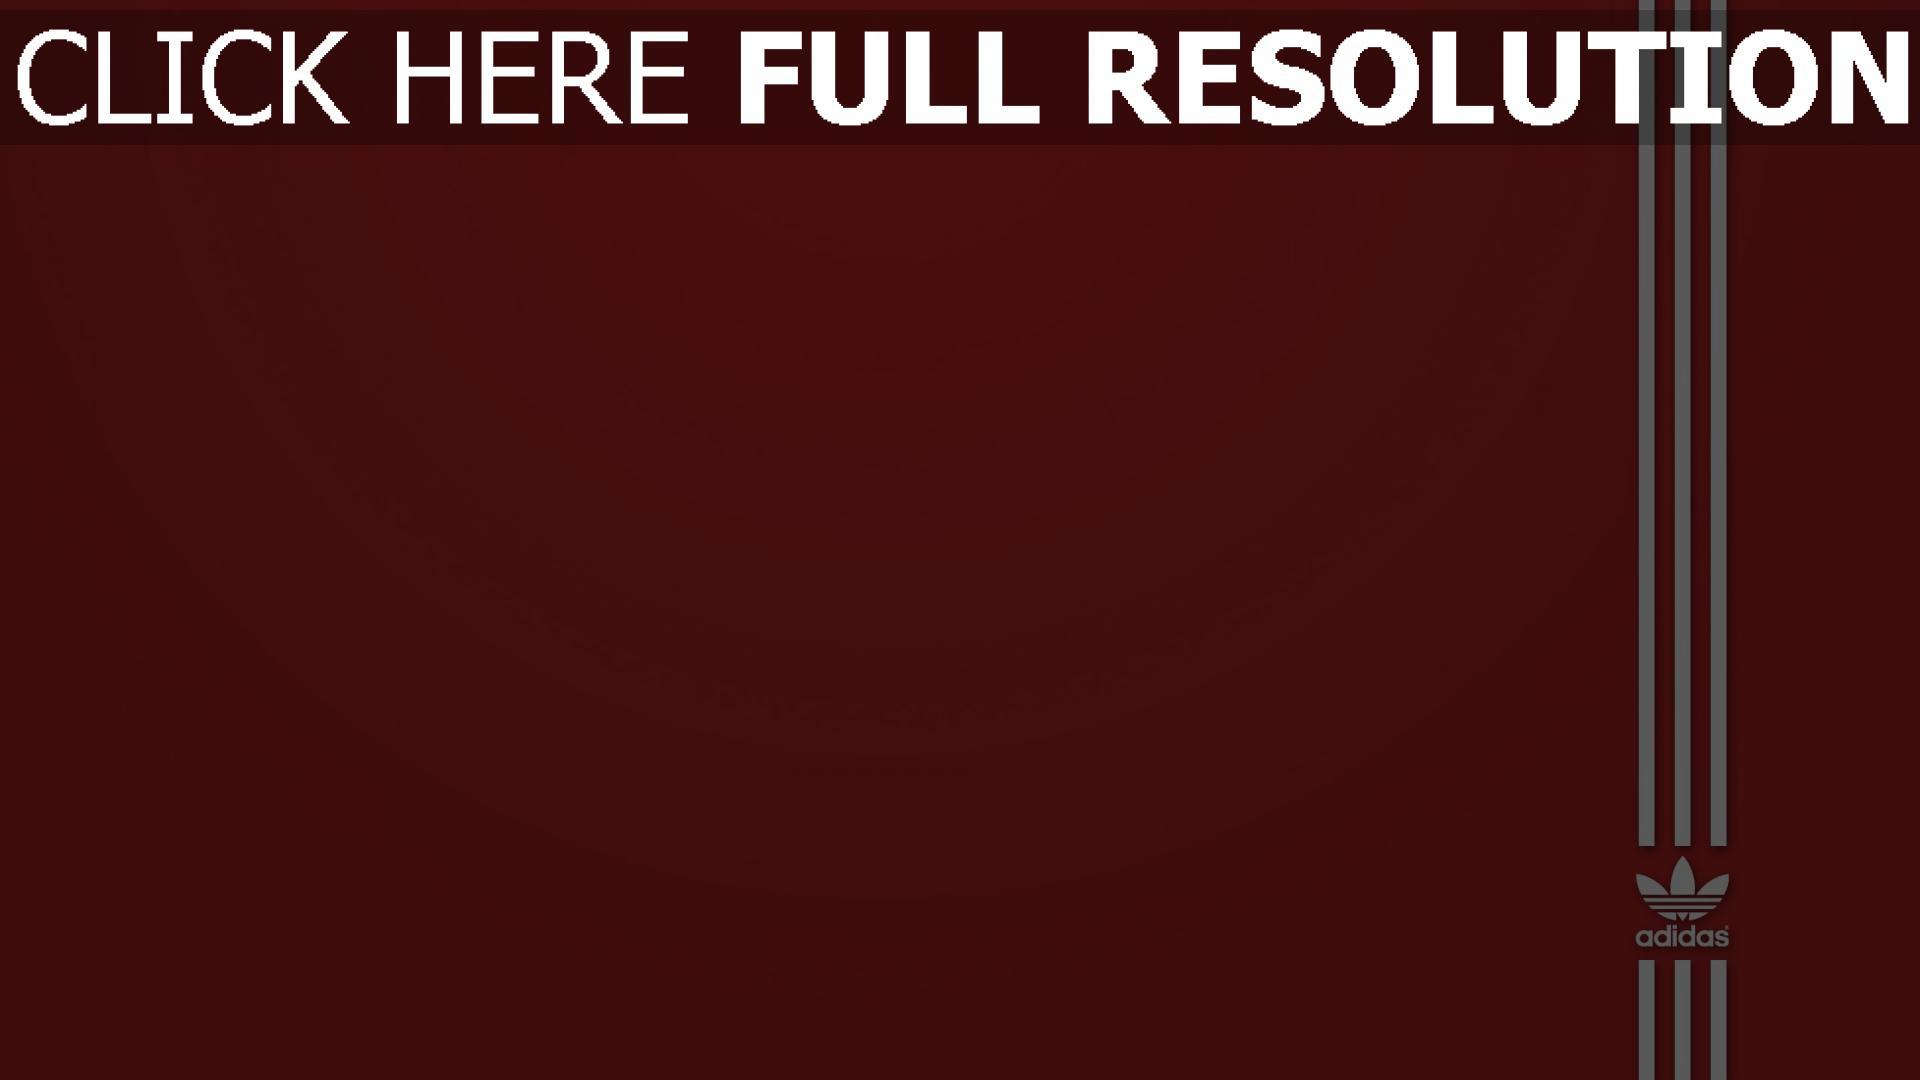 Télécharger 1920x1080 Full Hd Fond Décran Adidas Rouge Arrière Plan